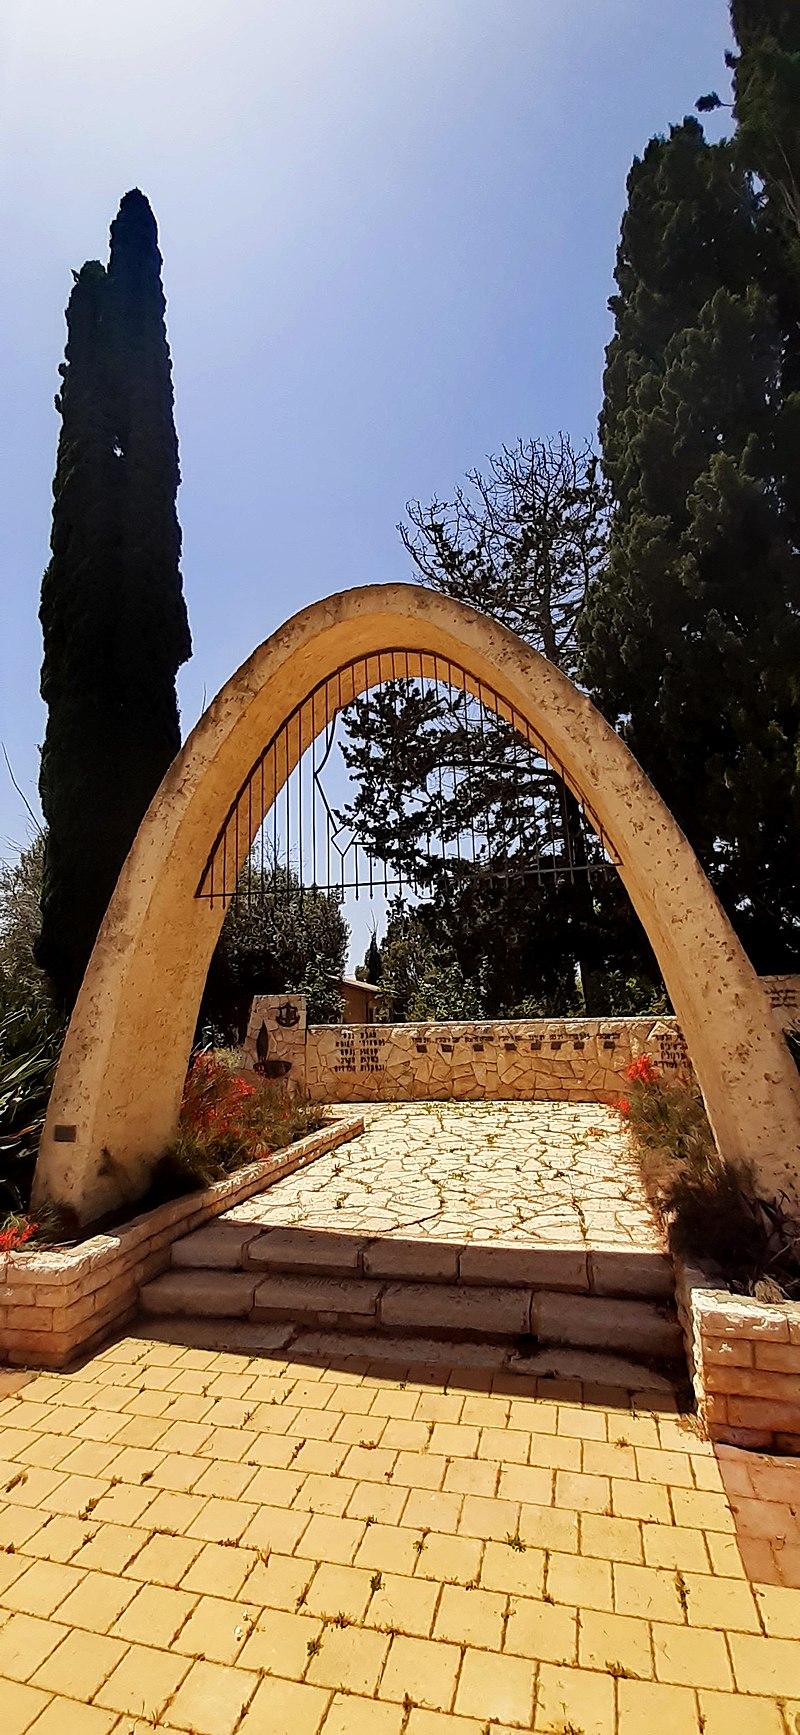 אנדרטה לזכר האצל בנורדיה